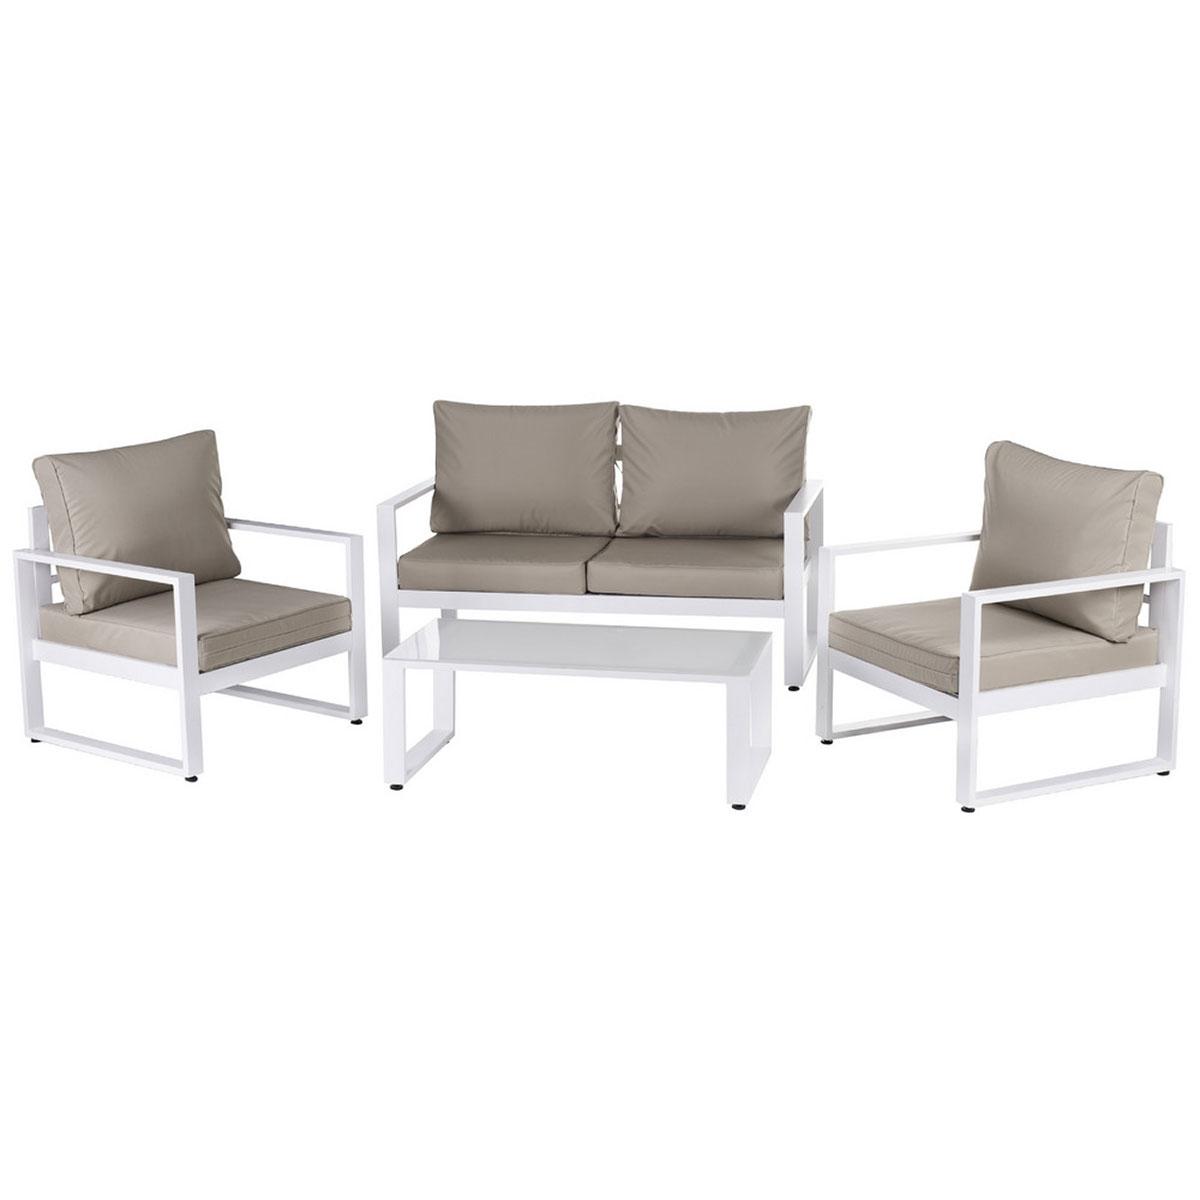 Salon détente en aluminium blanc - Taupe/Blanc - 142.00 cm x 71.00 cm x 72.00 cm